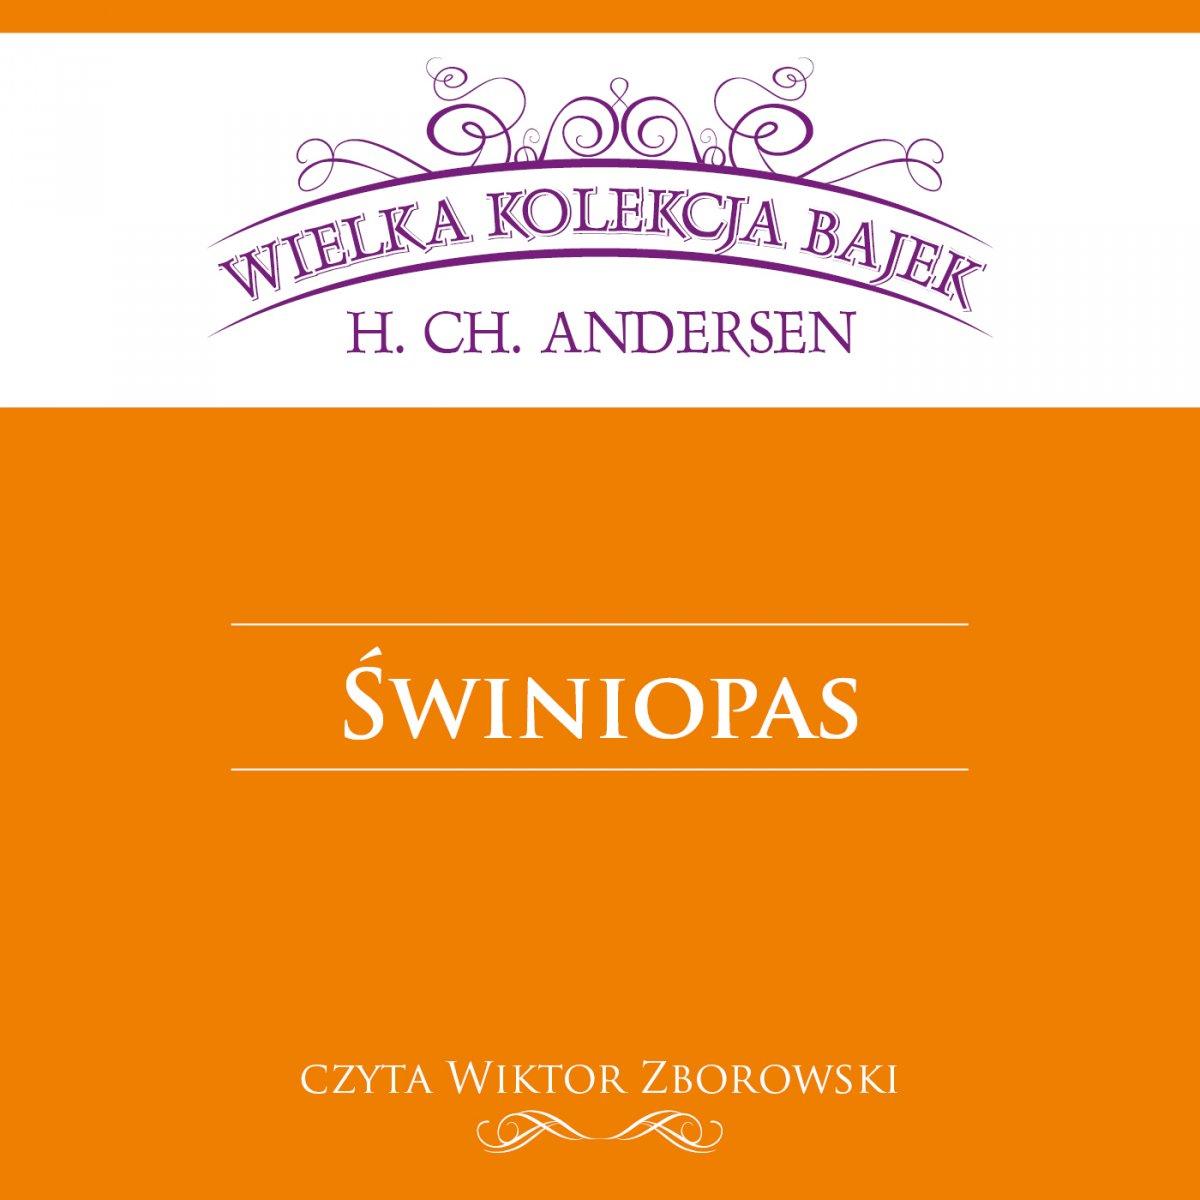 Świniopas (Wielka Kolekcja Bajek) - Audiobook (Książka audio MP3) do pobrania w całości w archiwum ZIP